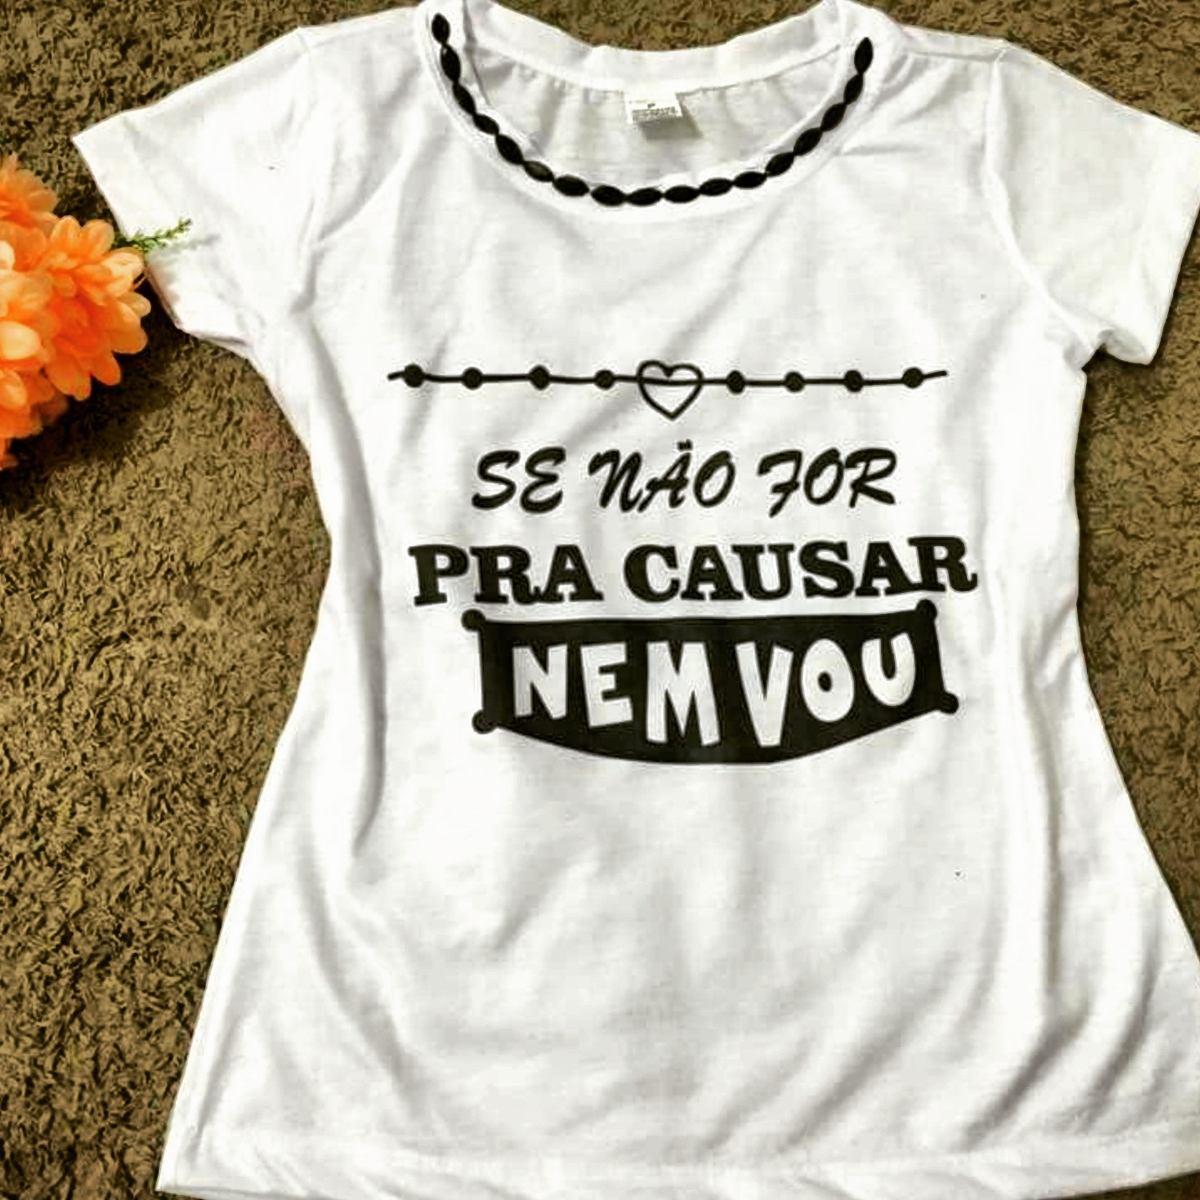 cf526b14b T-shirts Tees Bordadas Blusas Personalizadas Baby Look Moda - R  19 ...